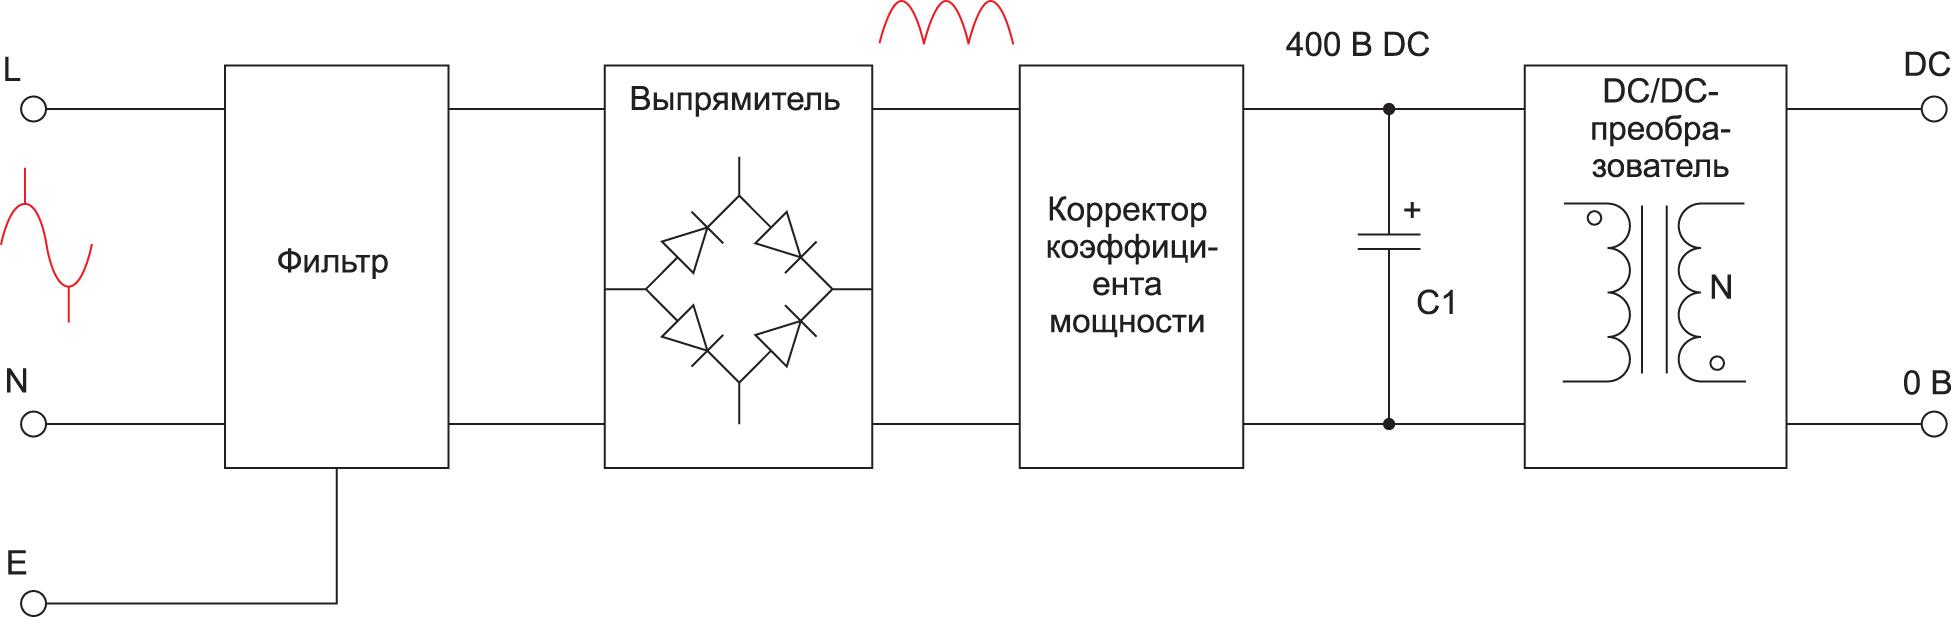 Типичная топология системы питания